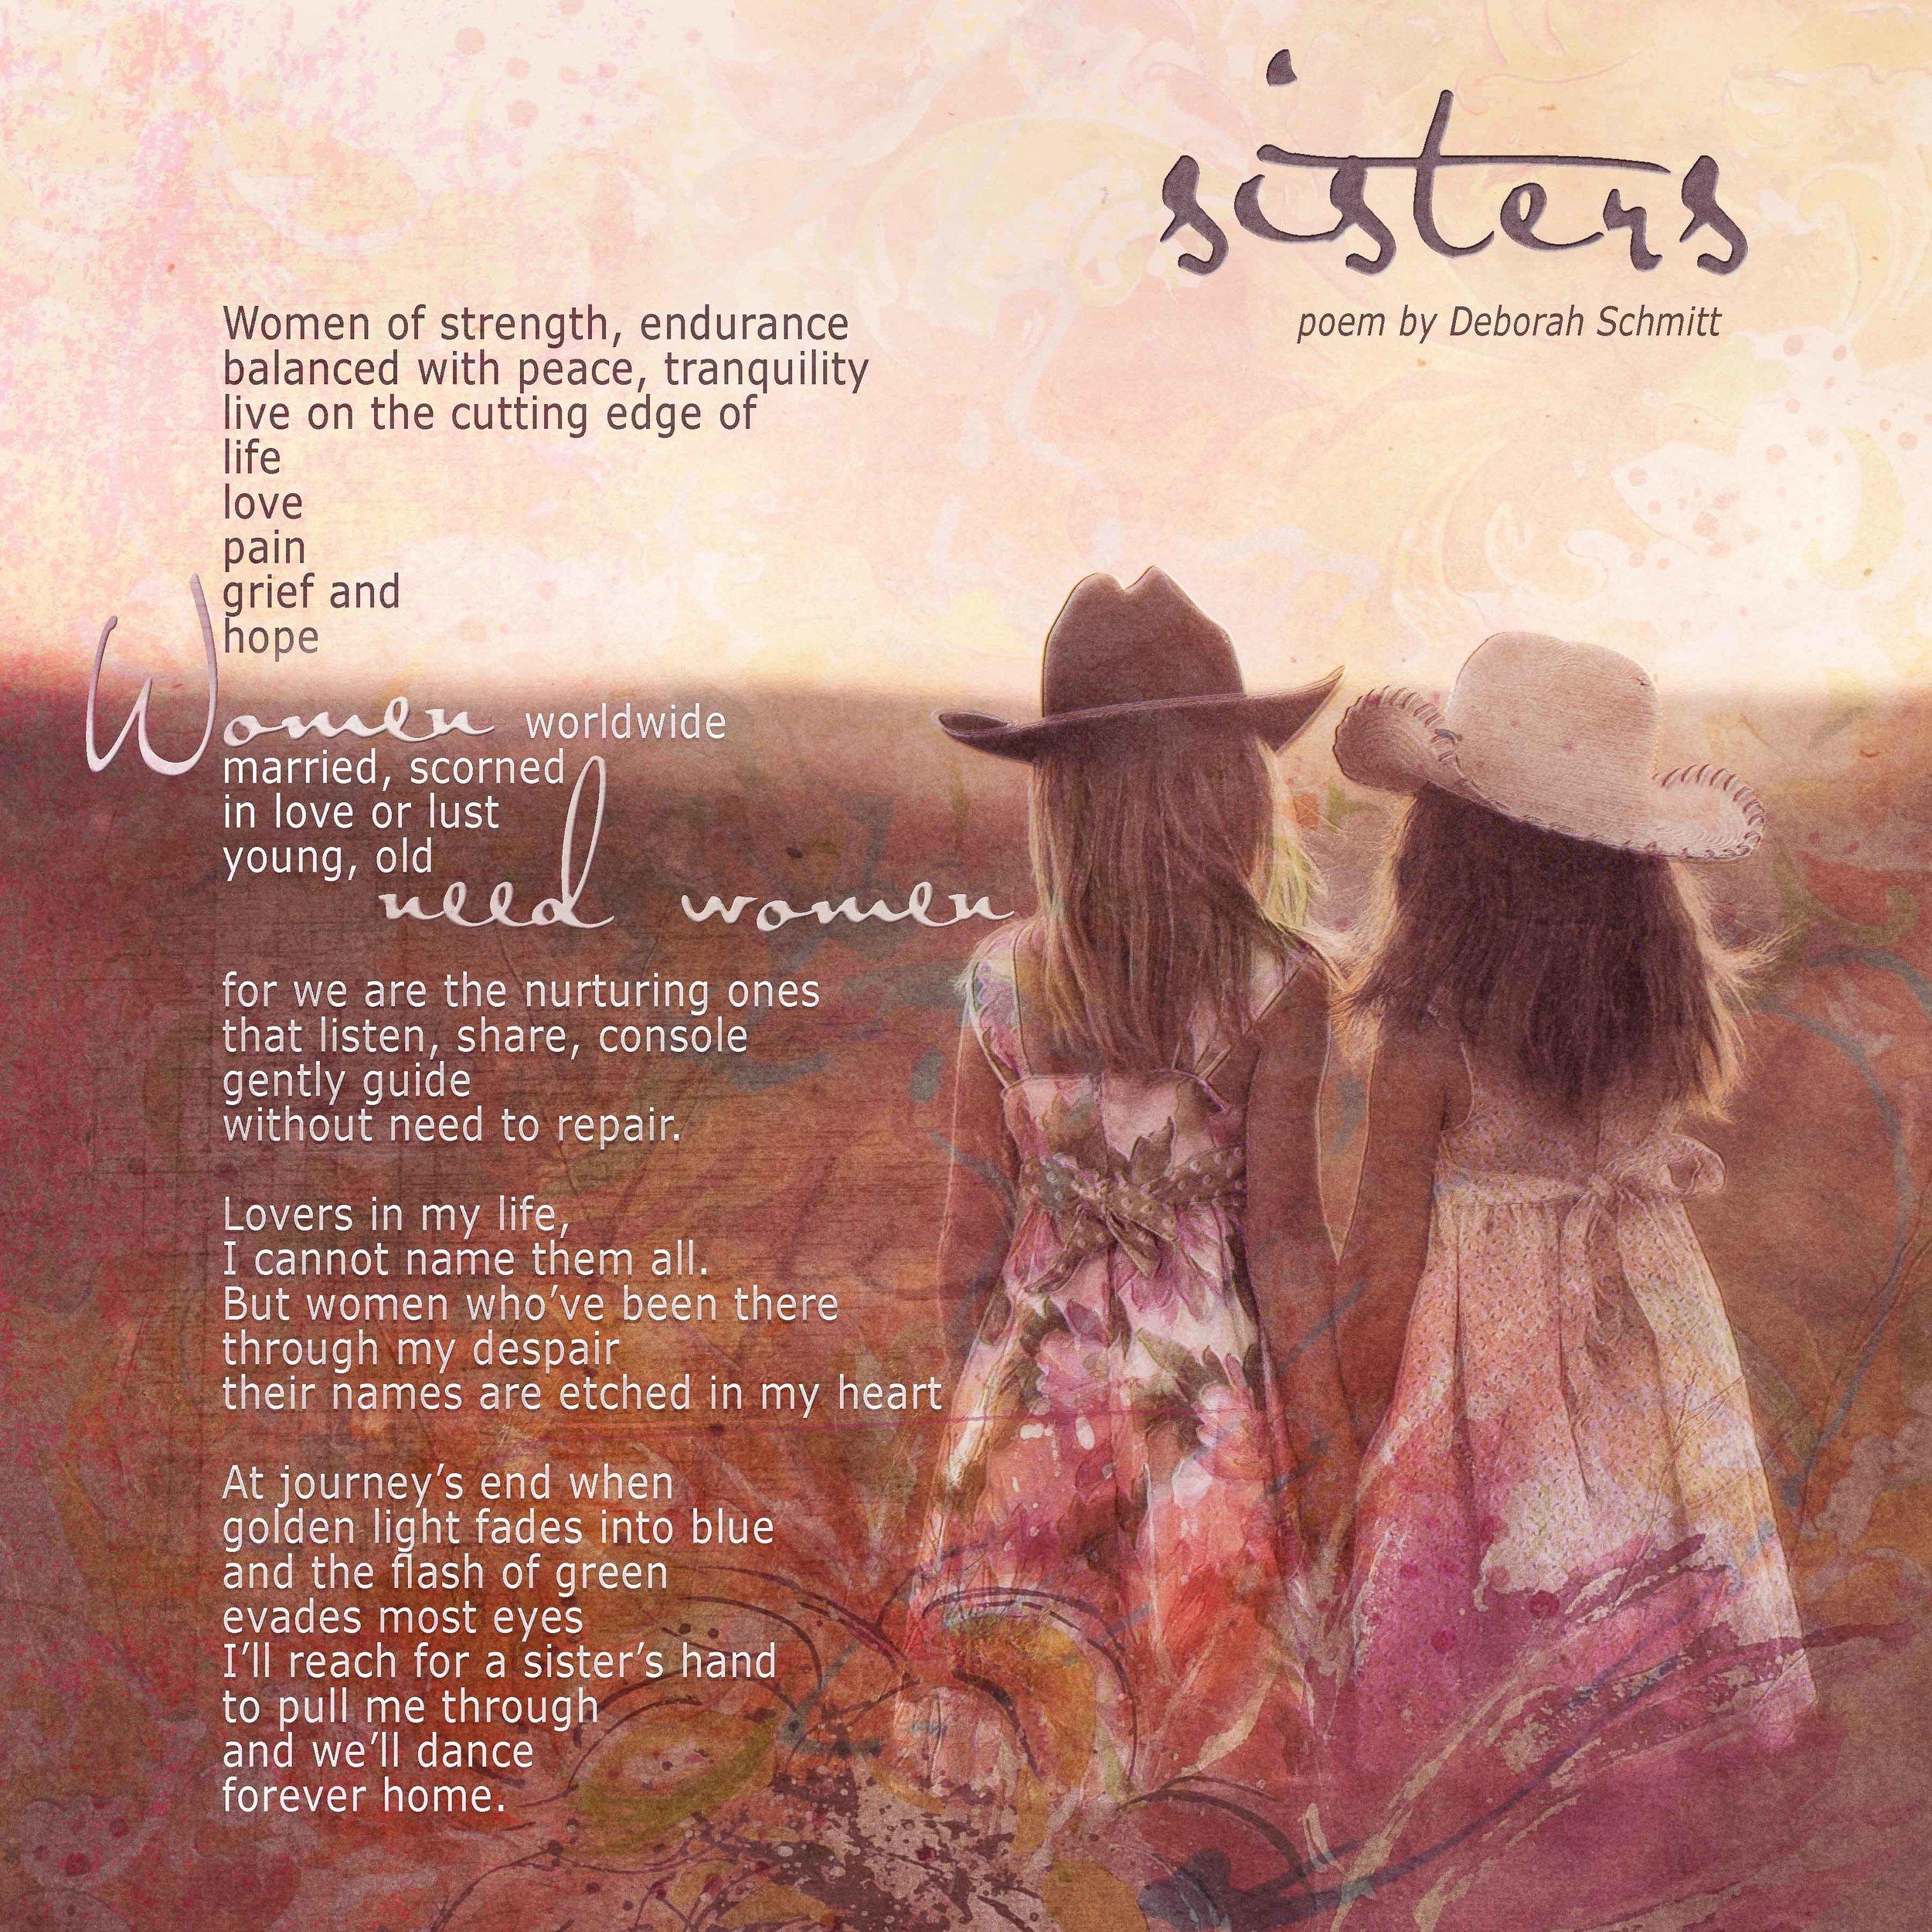 sisters poem by deborah schmitt